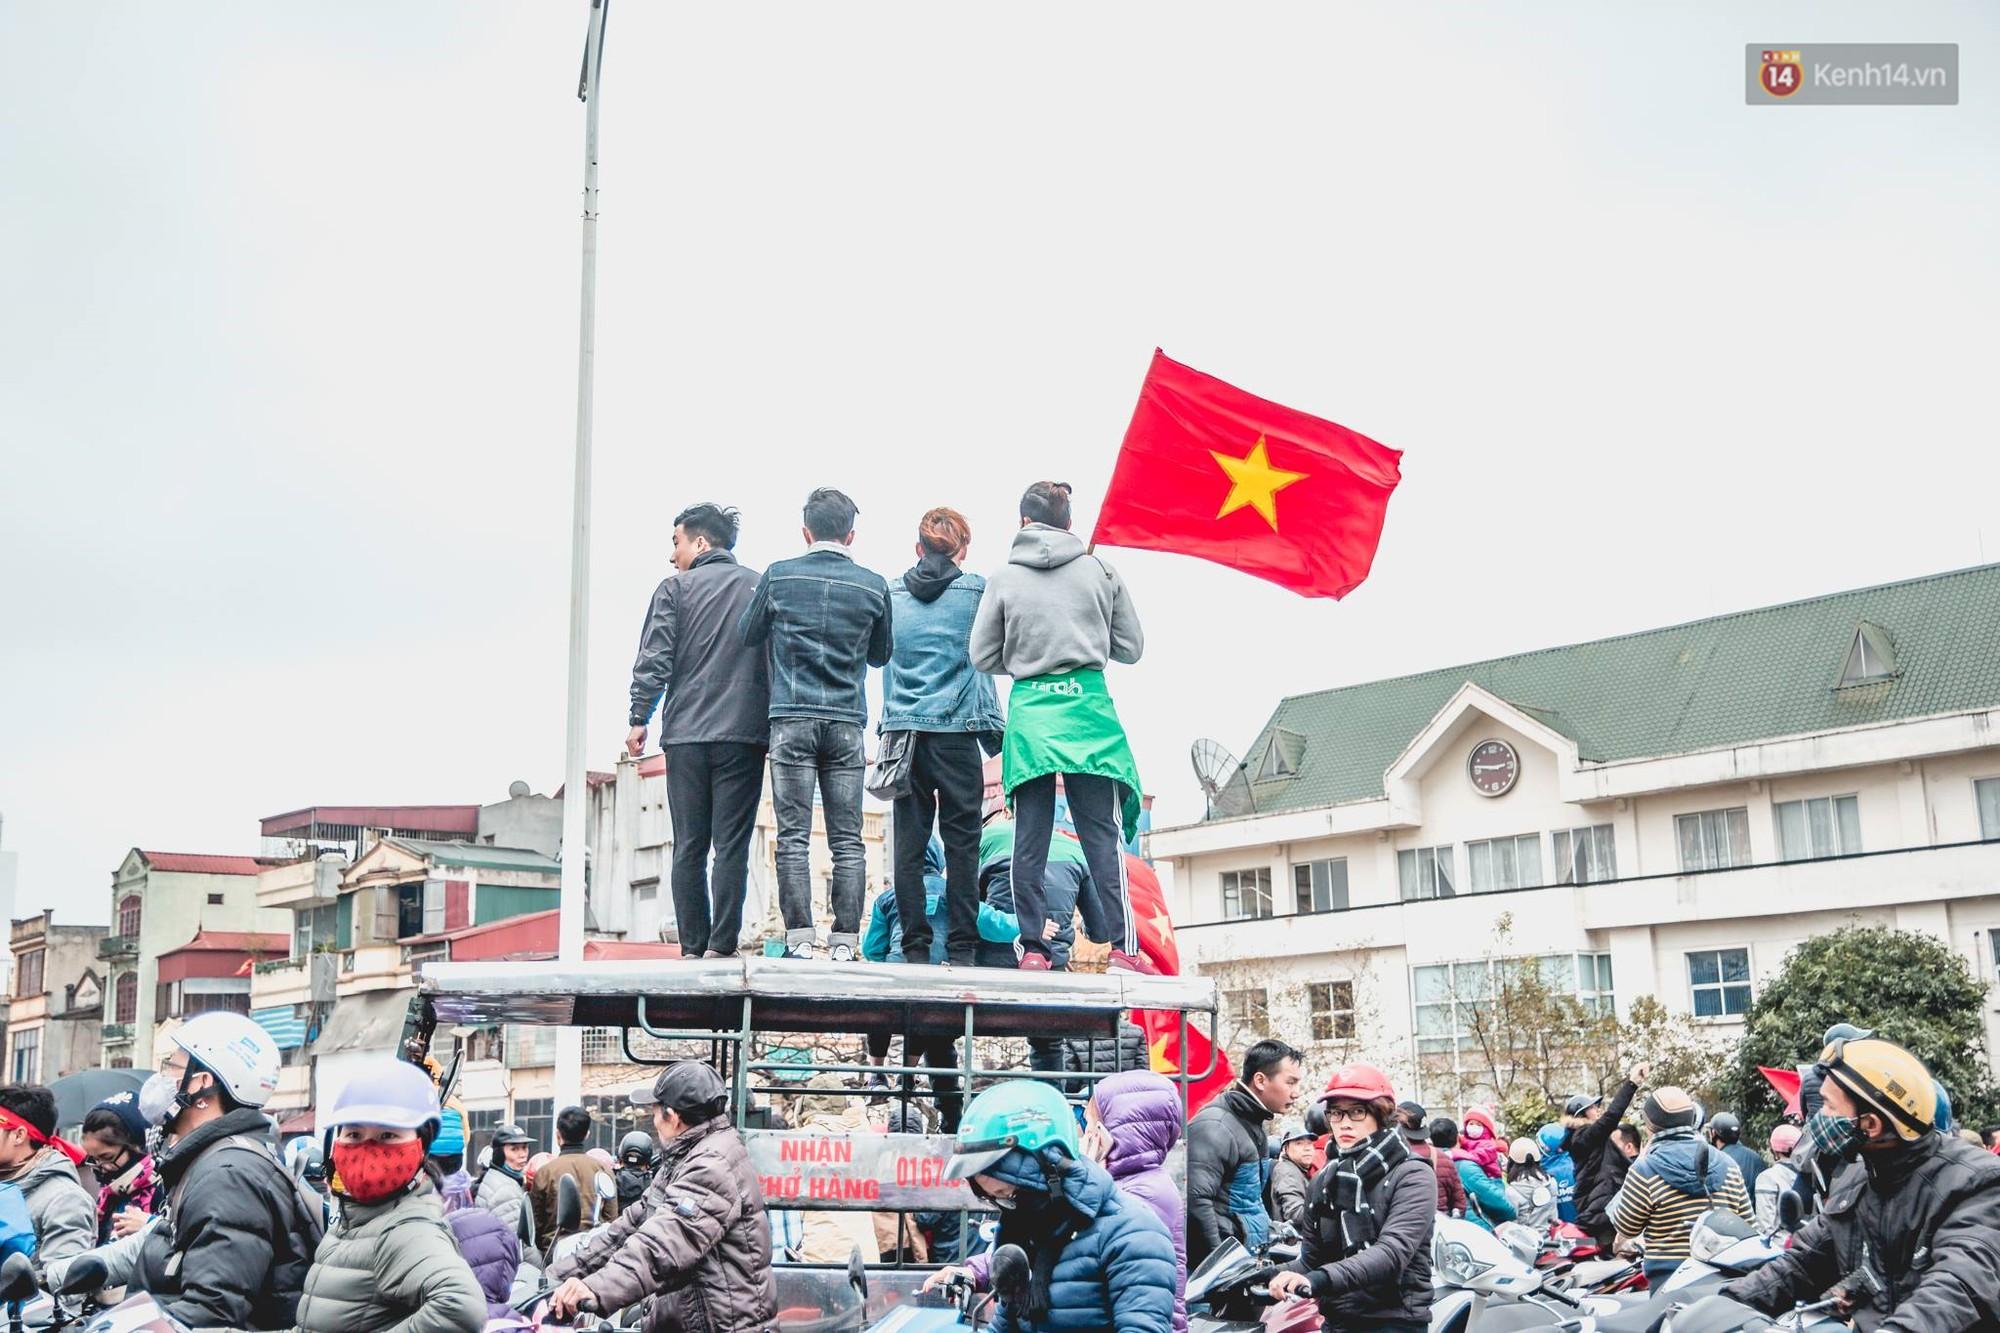 Tình yêu người hâm mộ quá lớn: Đường phố rợp xe và cờ, hơn 4 tiếng đoàn xe của U23 Việt Nam mới có thể tiến vào nội đô - Ảnh 11.